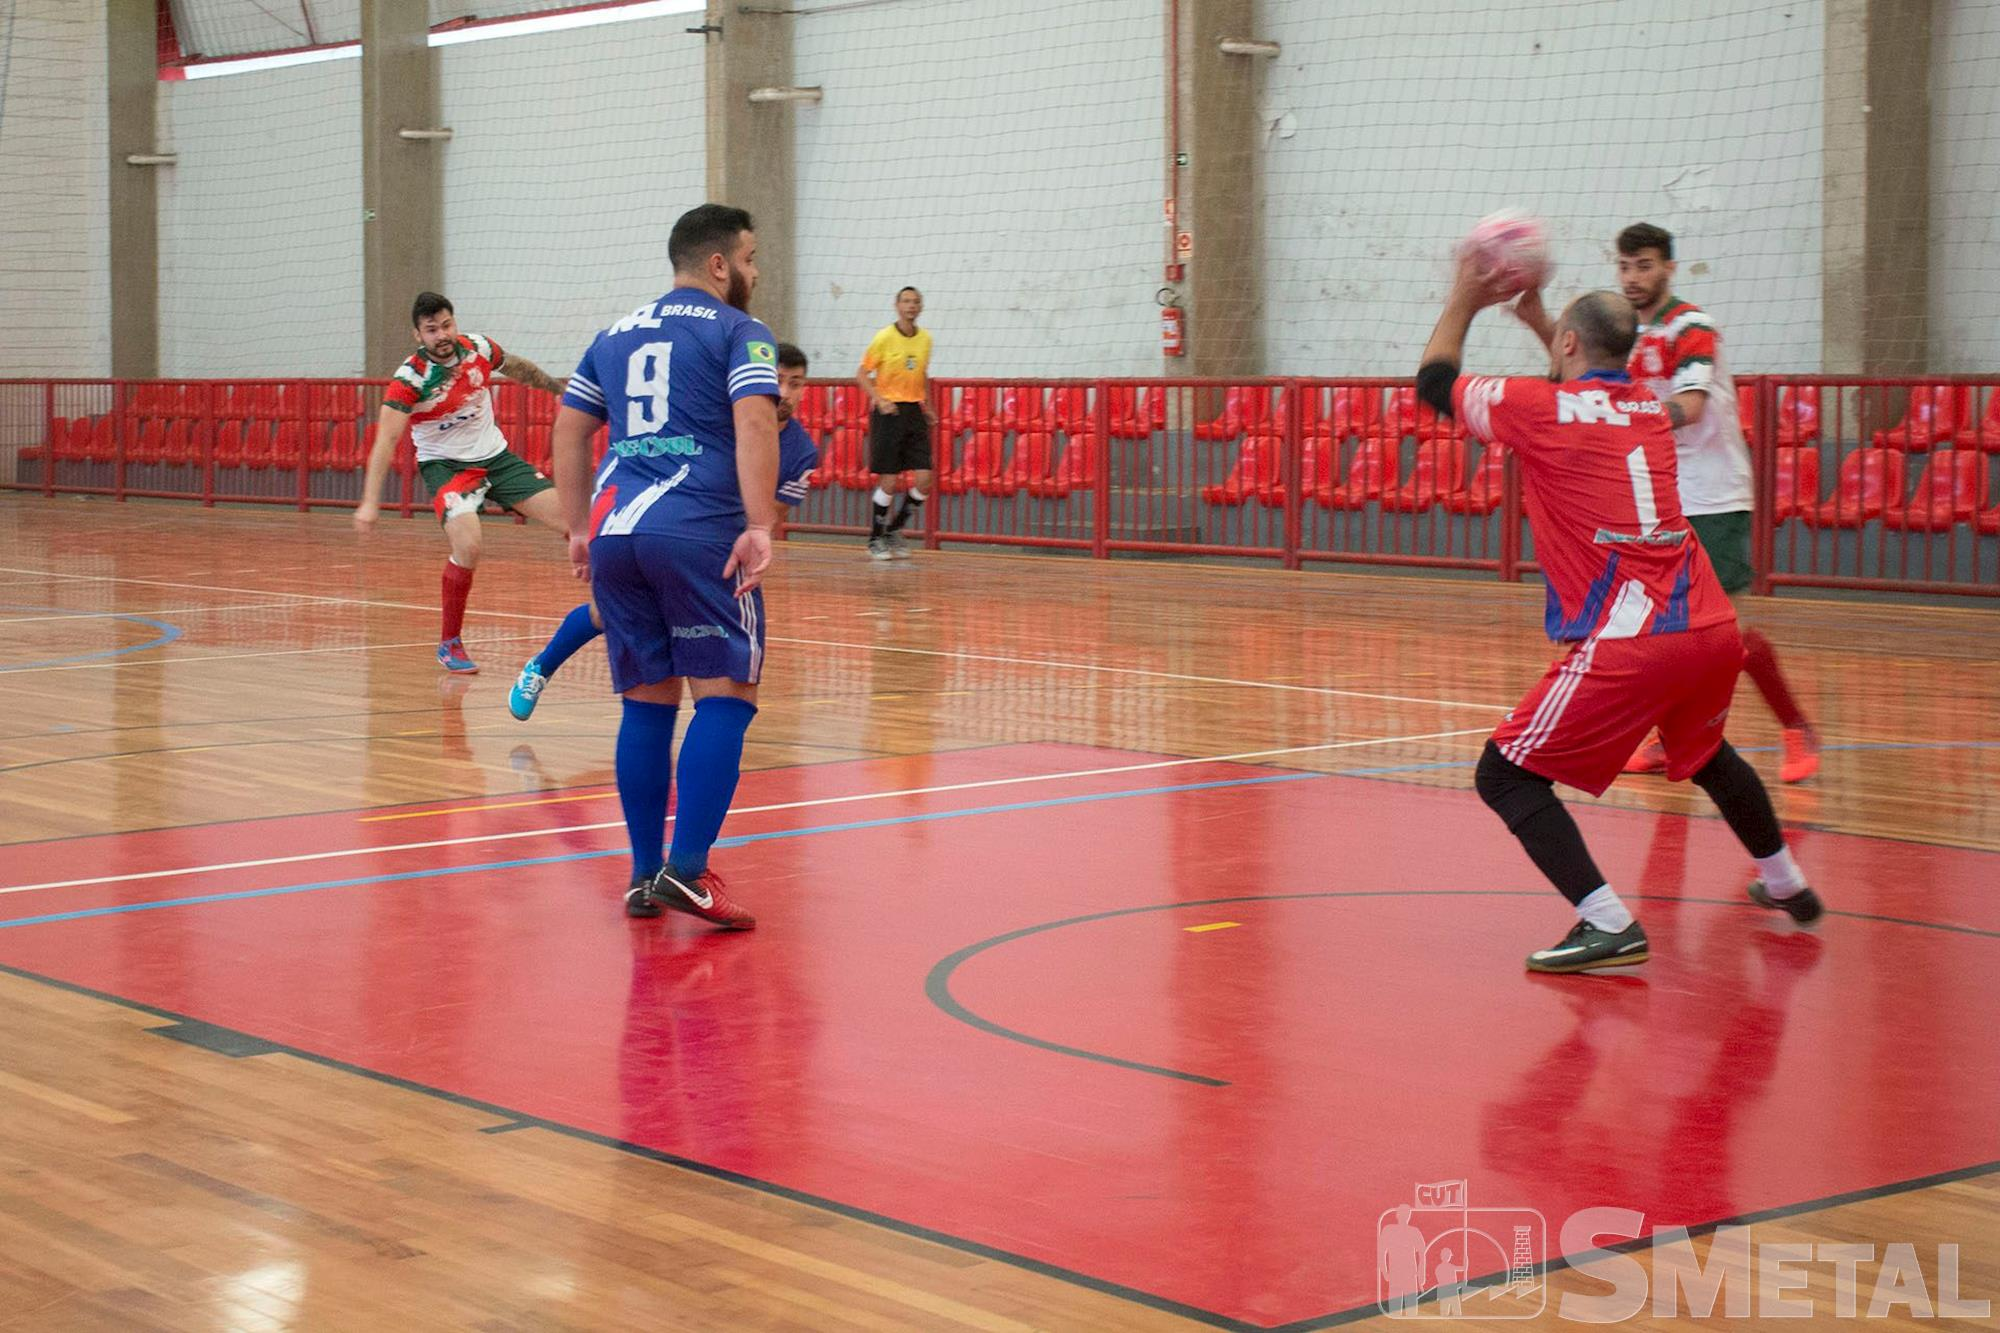 14ª Taça Papagaio de Futsal do SMetal - 7ª rodada, futsal,  papagaio,  smetal,  rodada,  jogo,  equipe,  taça,  campeonato, Foguinho/Imprensa SMetal, Semifinal da 14ª Taça Papagaio acontece no dia 1º de dezembro